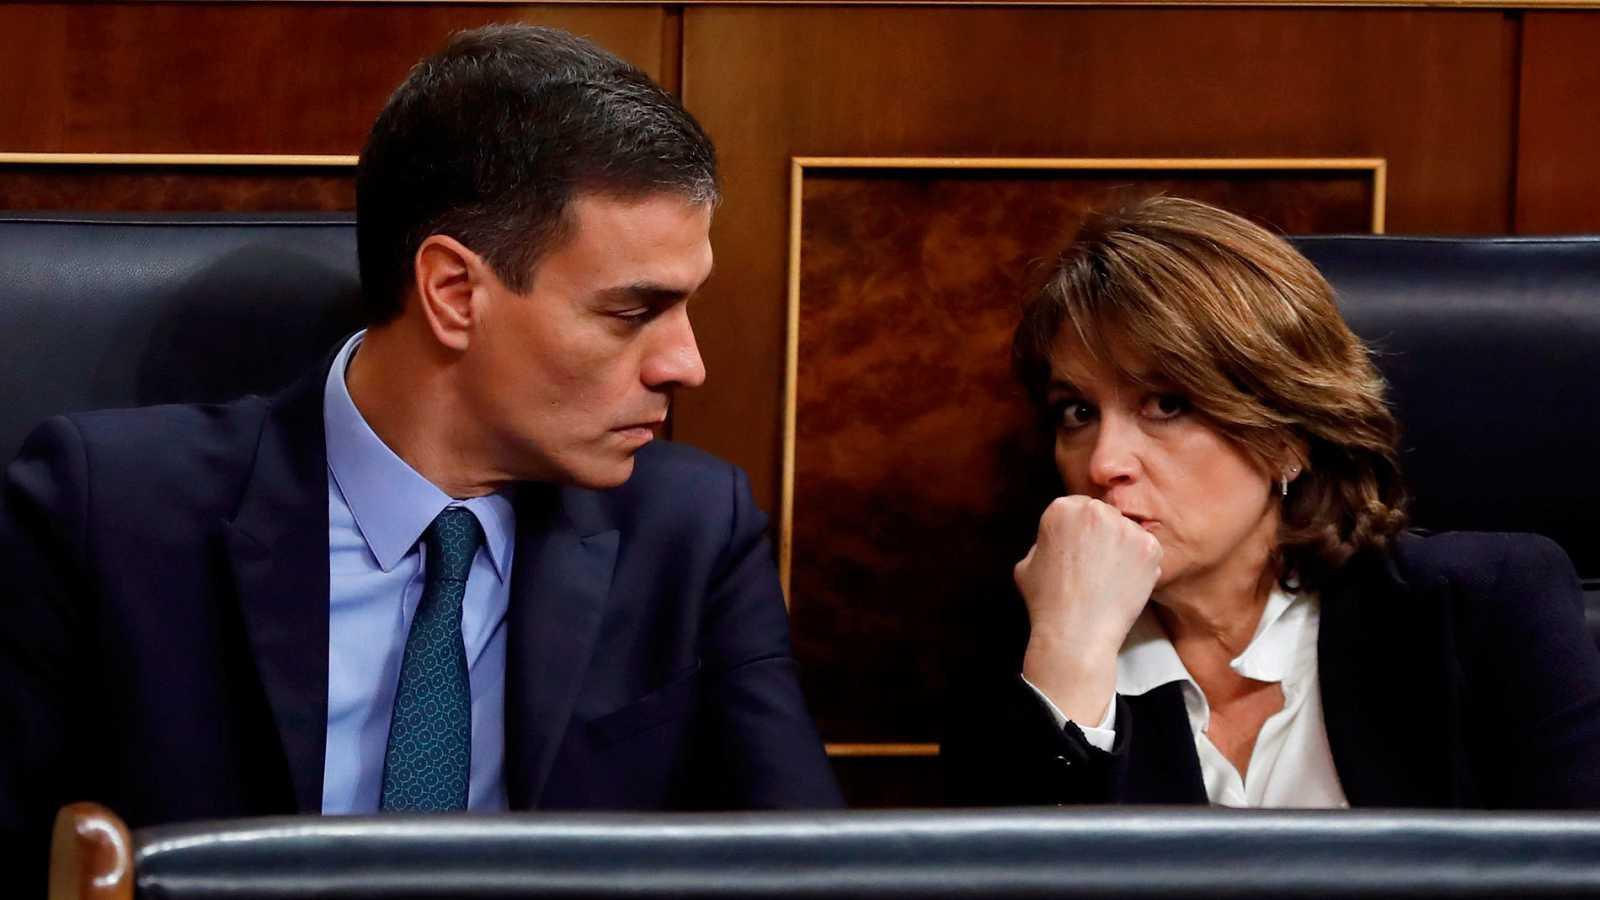 El presidente del Gobierno, Pedro Sánchez, conversa con la exministra de Justicia, Dolores Delgado, en una imagen de archivo